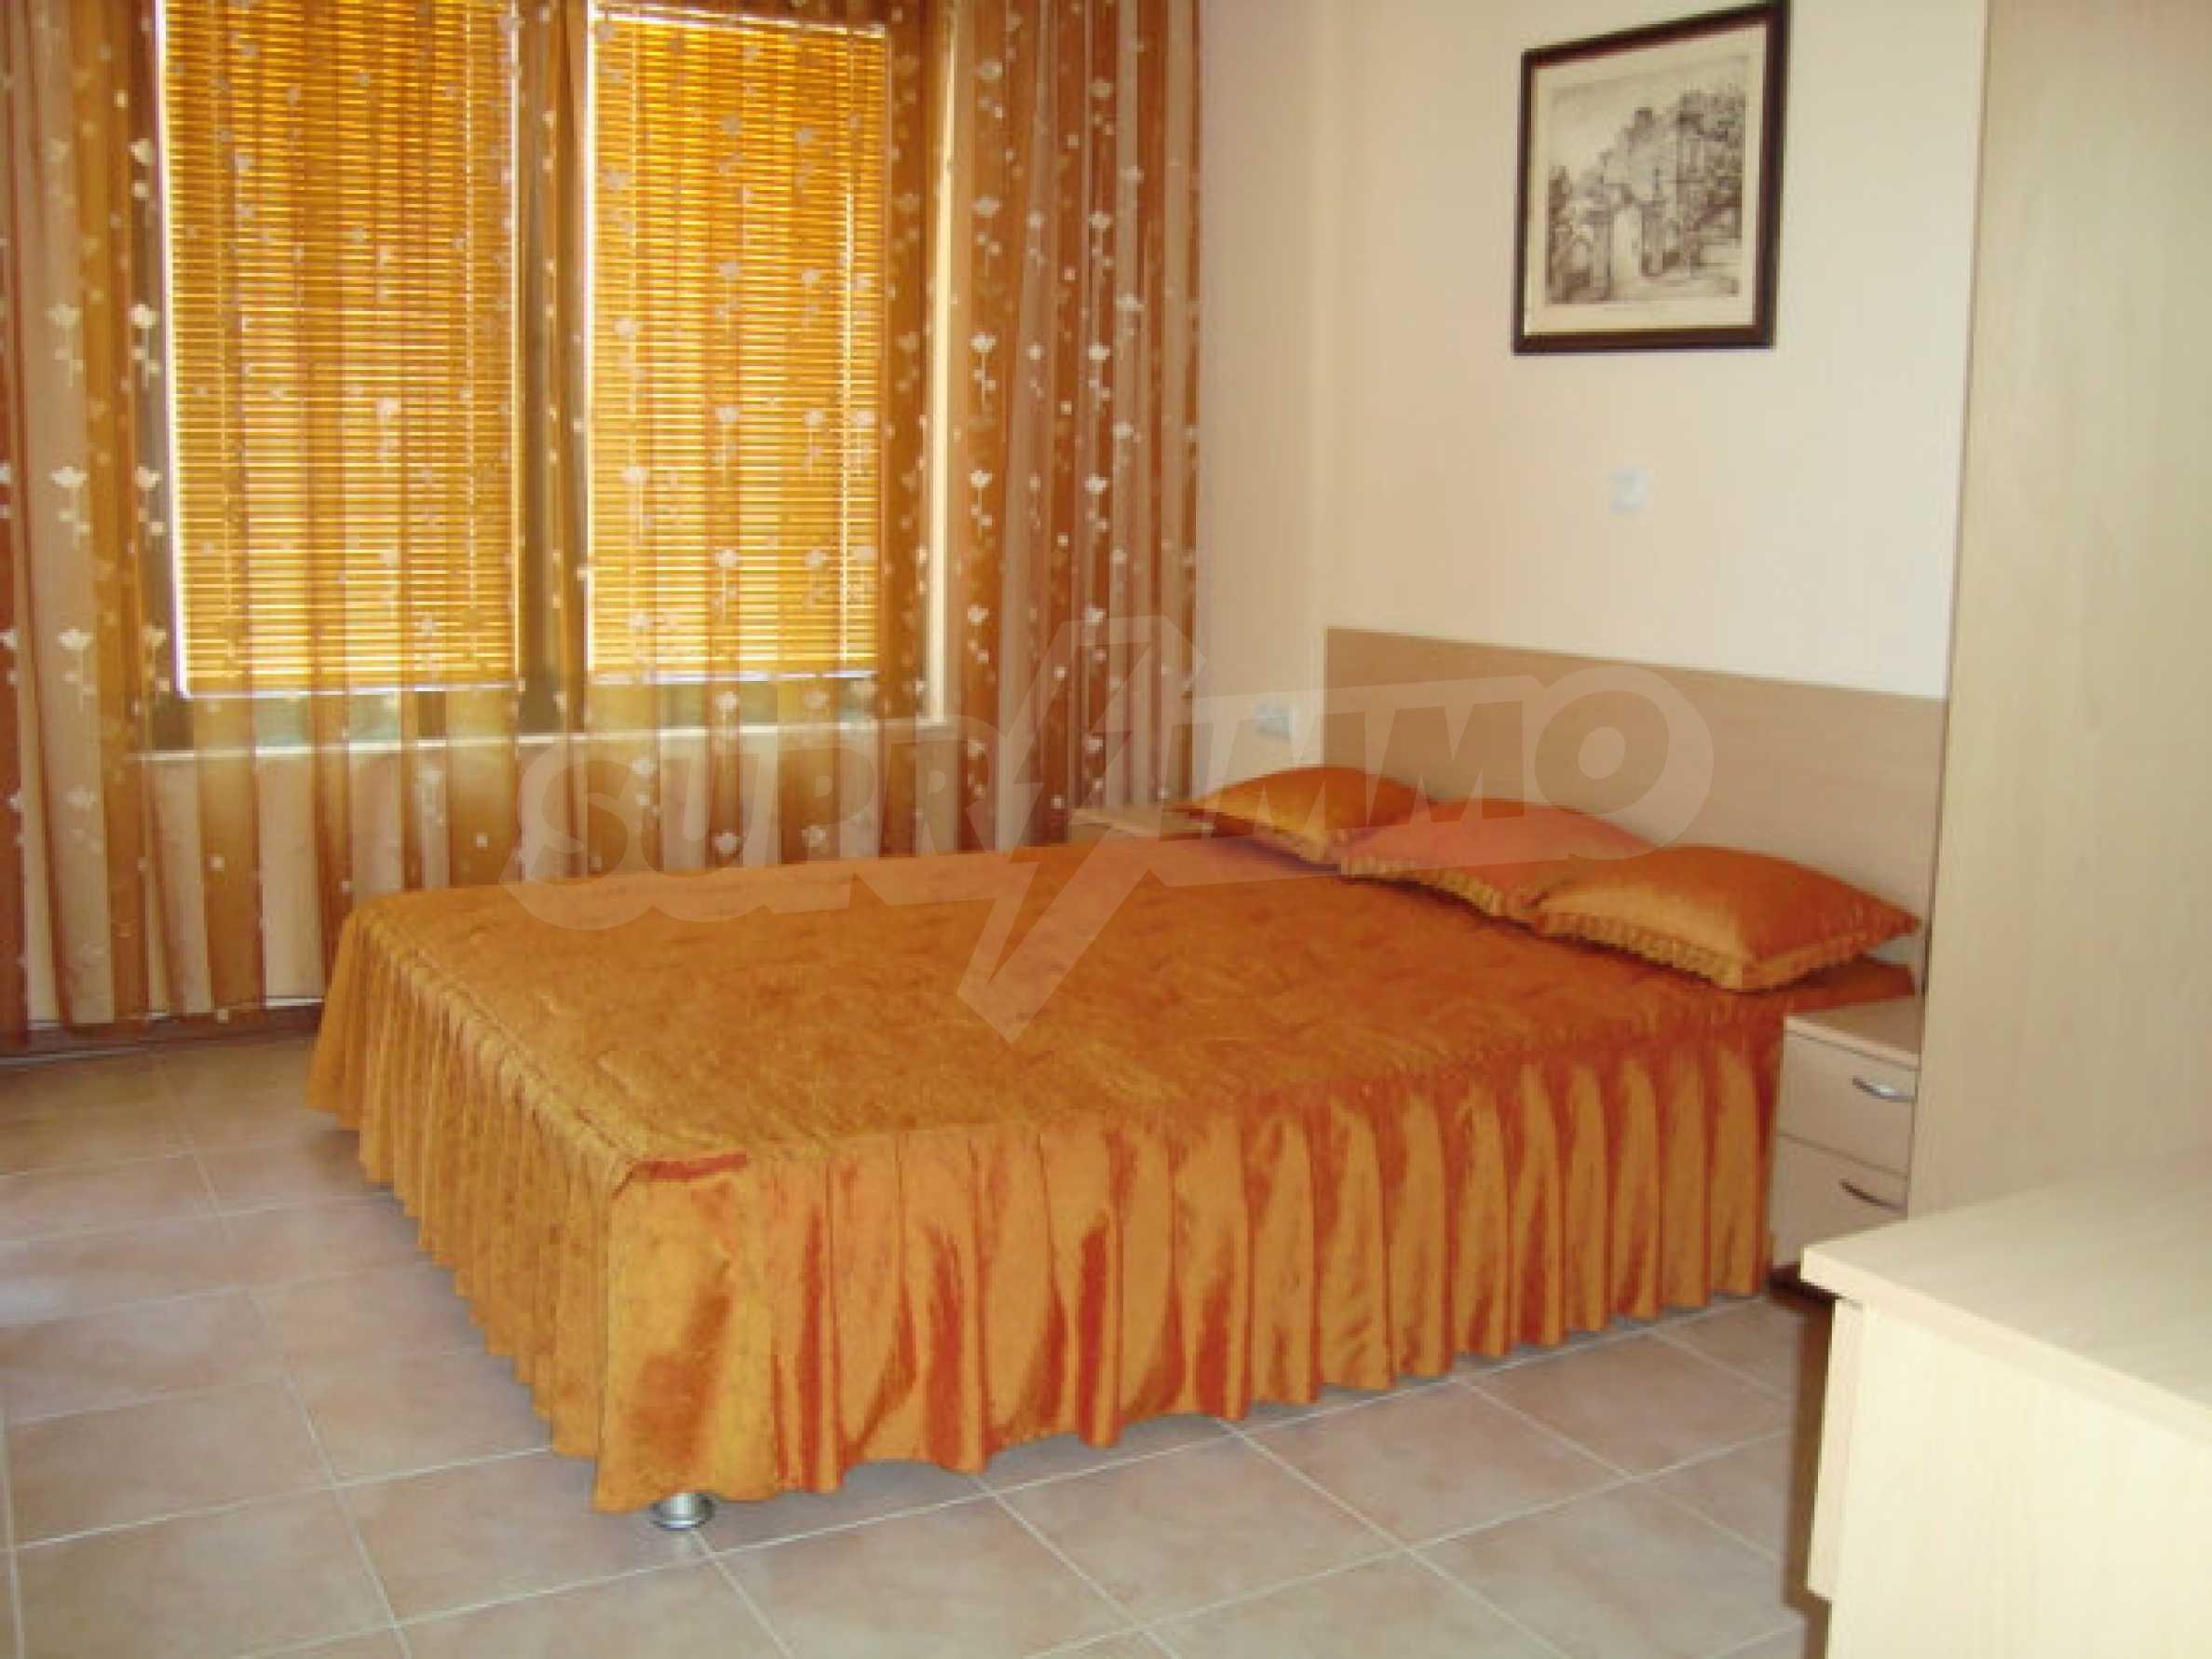 Luxus-Apartment mit zwei Schlafzimmern in einem ausgezeichneten Komplex in Chernomorets 14